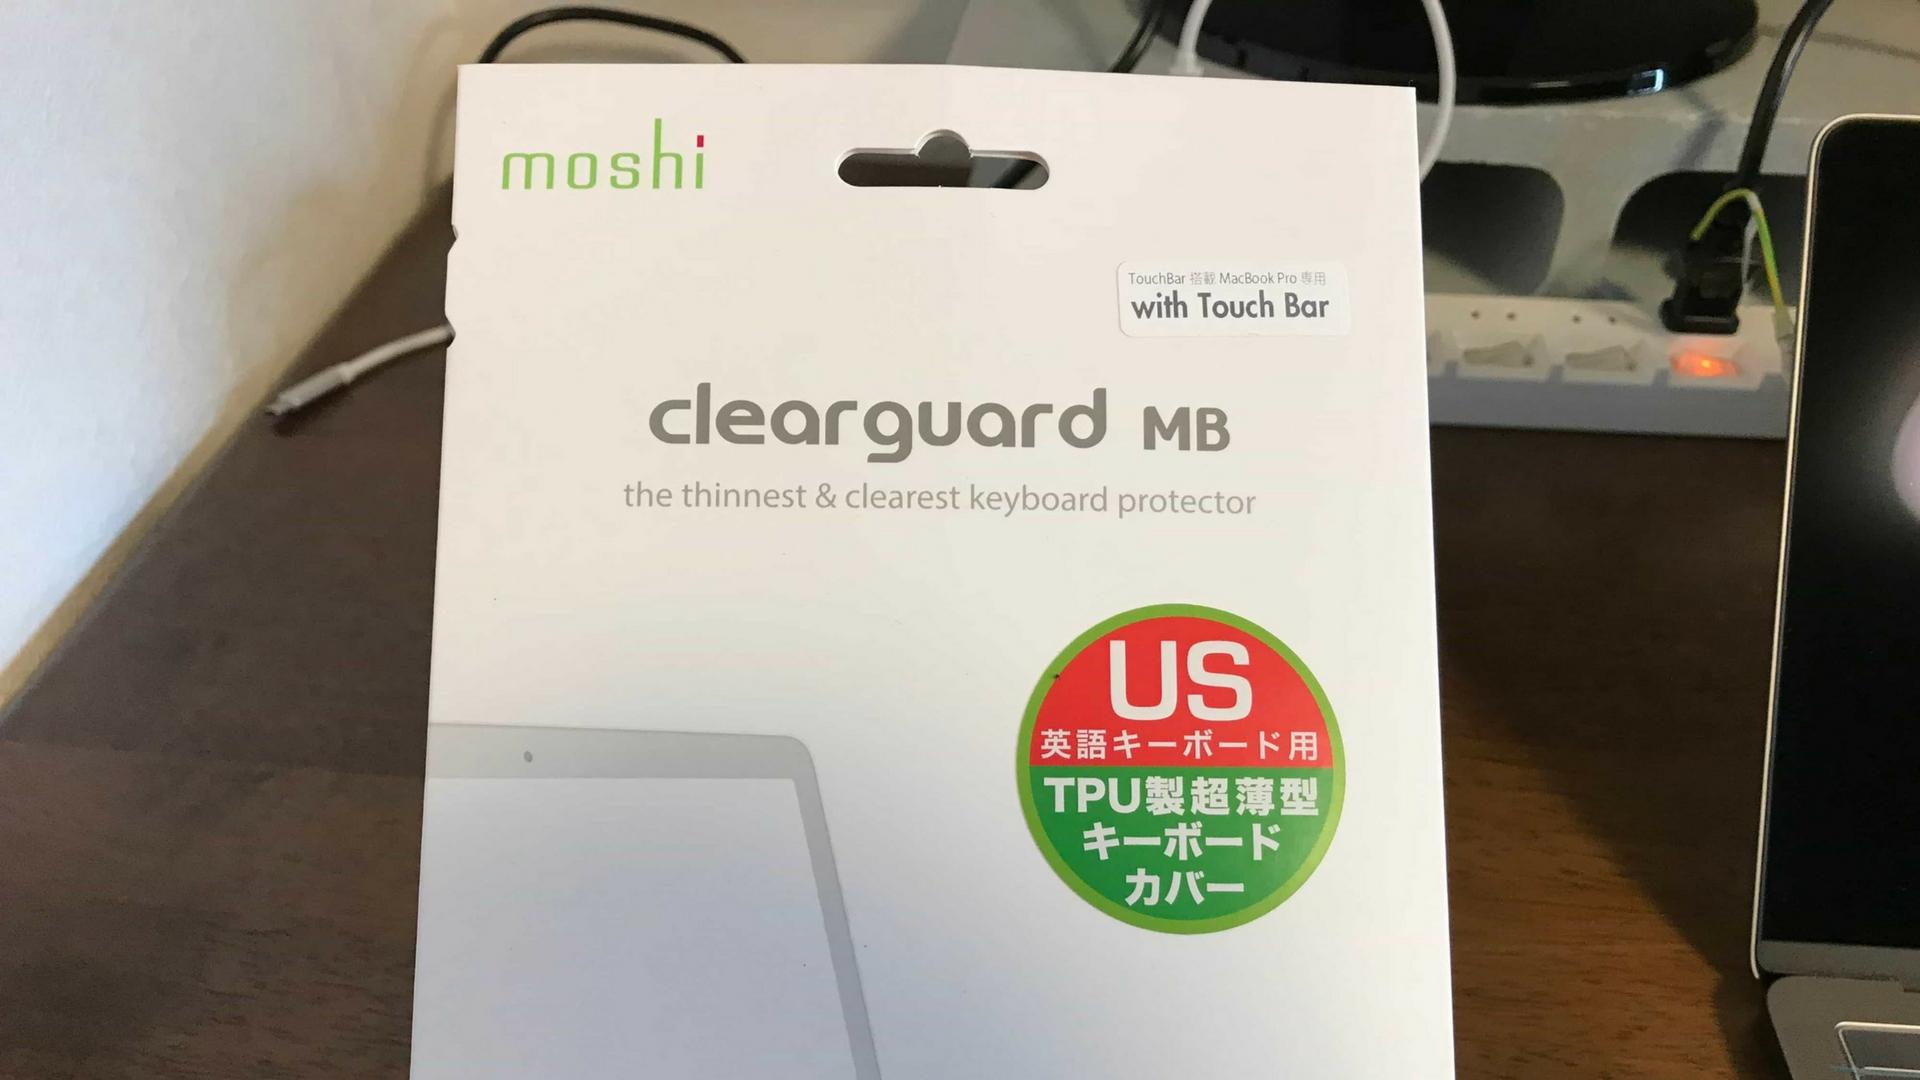 Clearguardのパッケージ